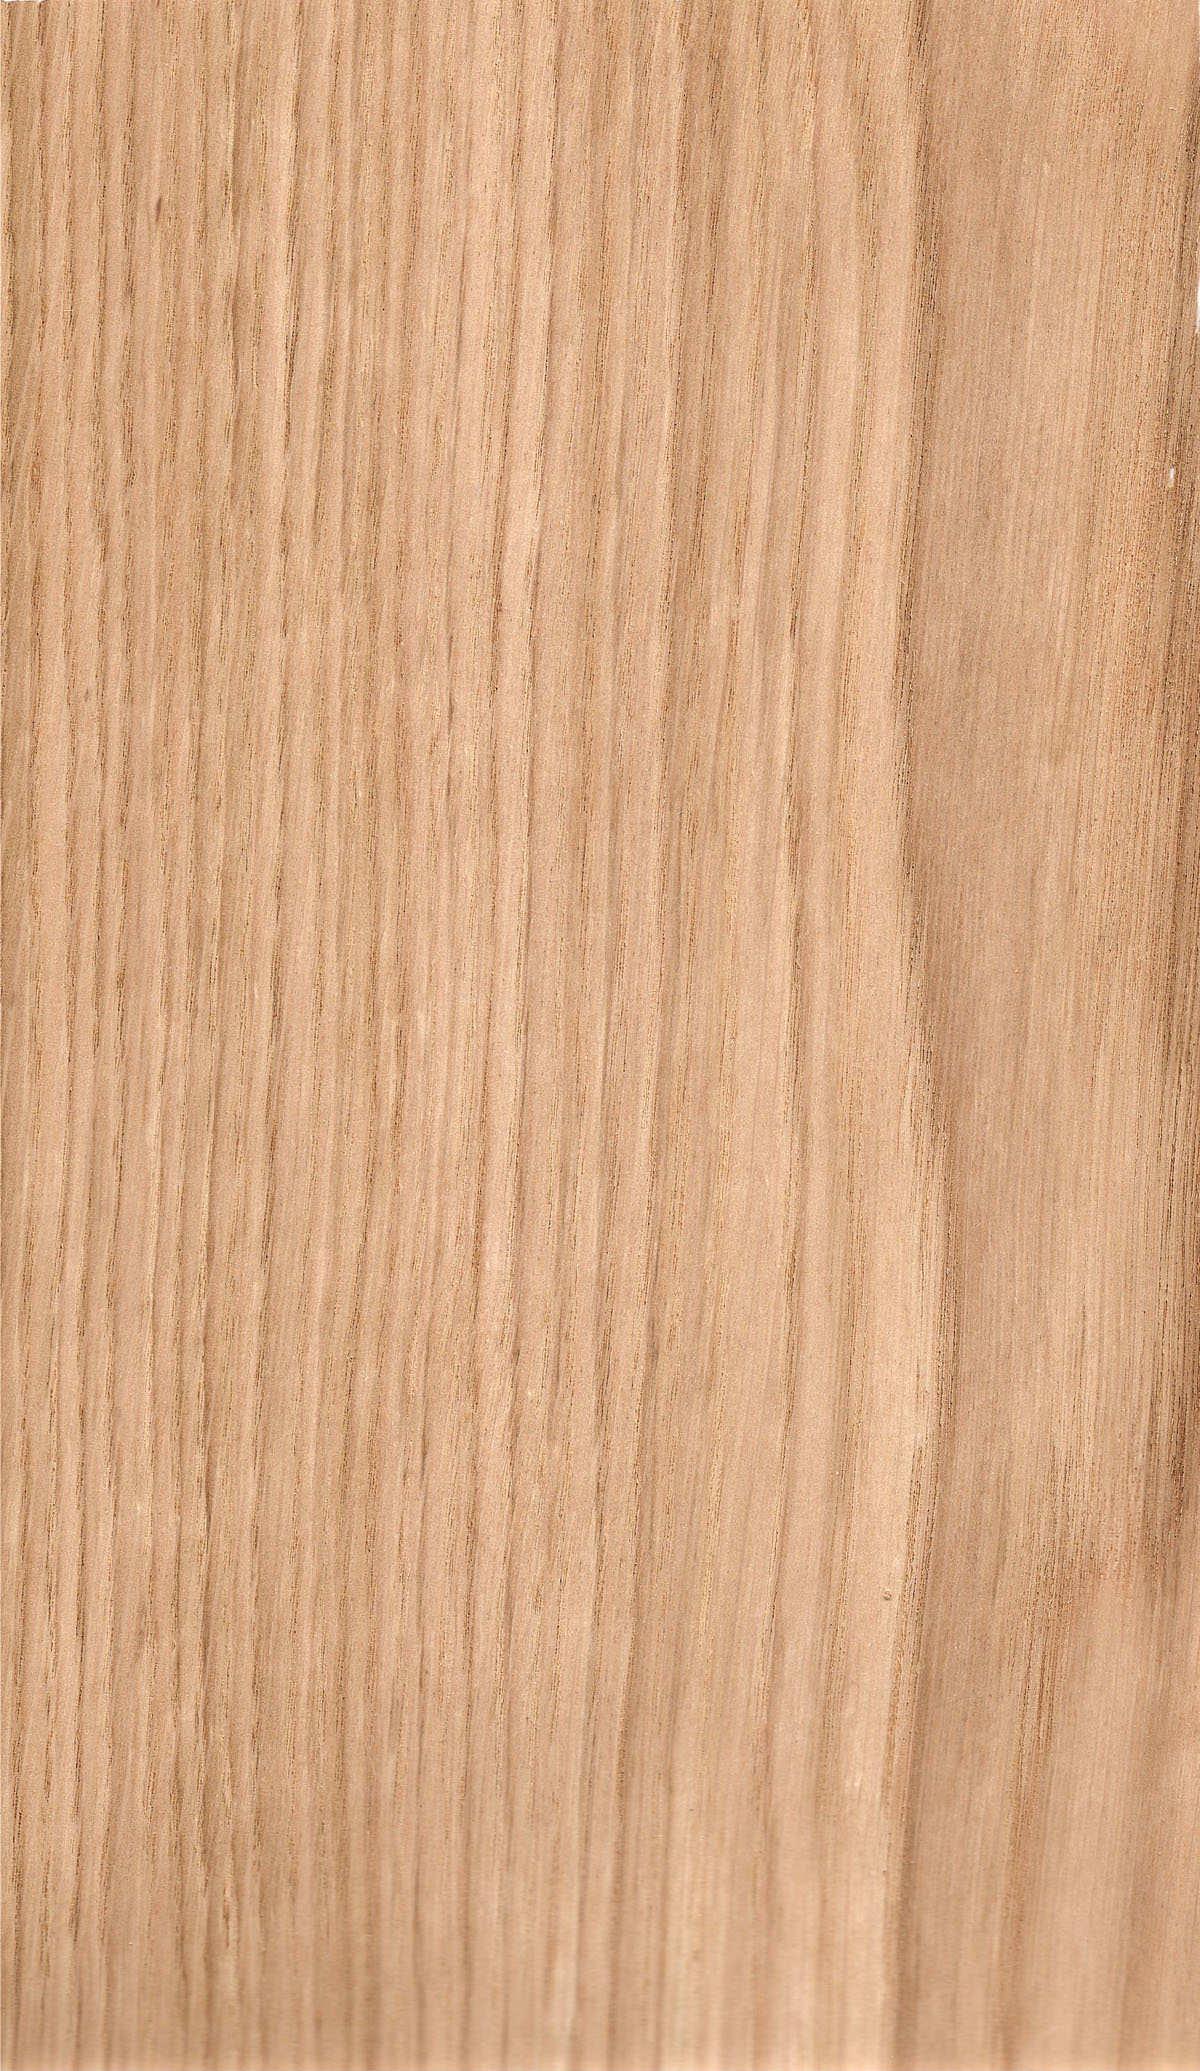 Aglomerado roble listado 1 2 maderas virrey - Tablones de roble ...